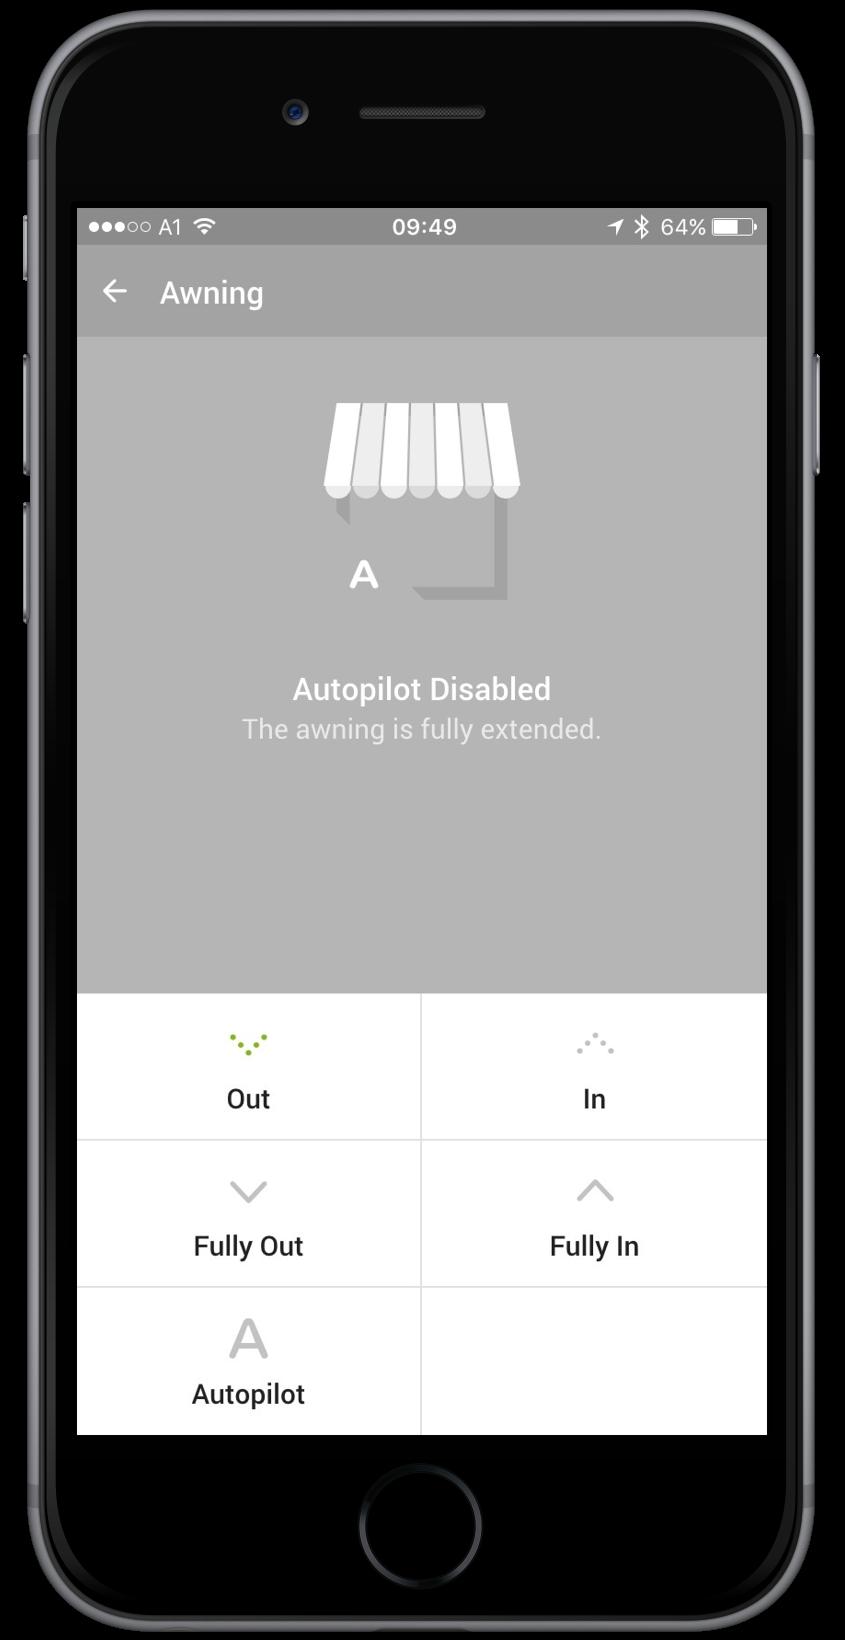 loxone-app-6.3-awning-e1460559970968